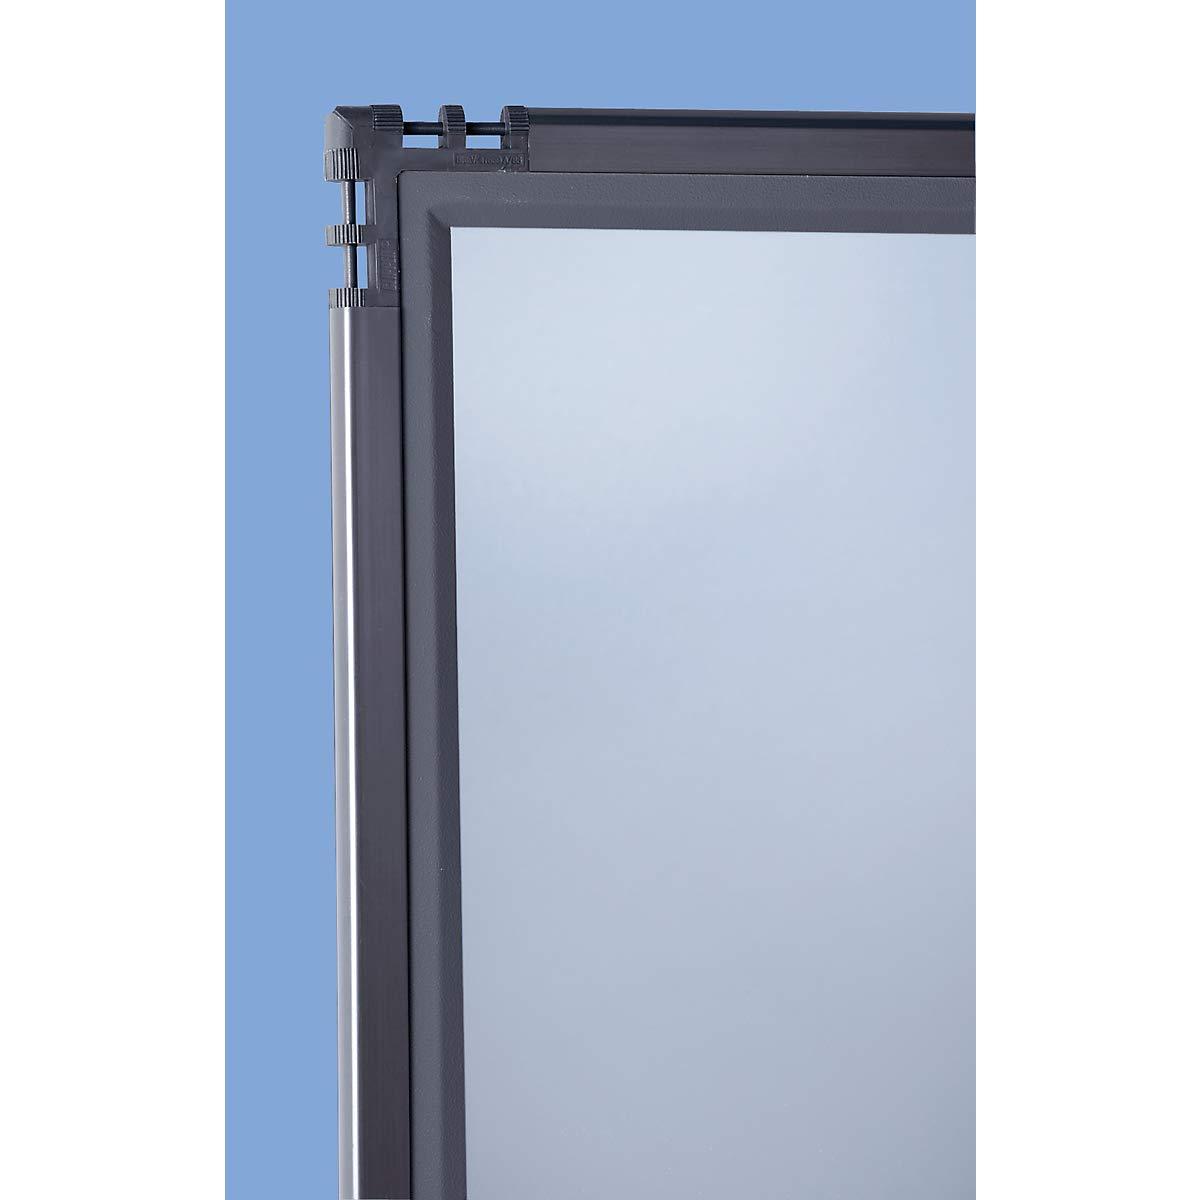 Dividir – Cristal acrílico ahumado – H x L 1950 x 650 mm, marco gris pizarra – Dispositivo de delimitación mampara de separación paredes de separación separación de separación Dividir Dividir Industrial